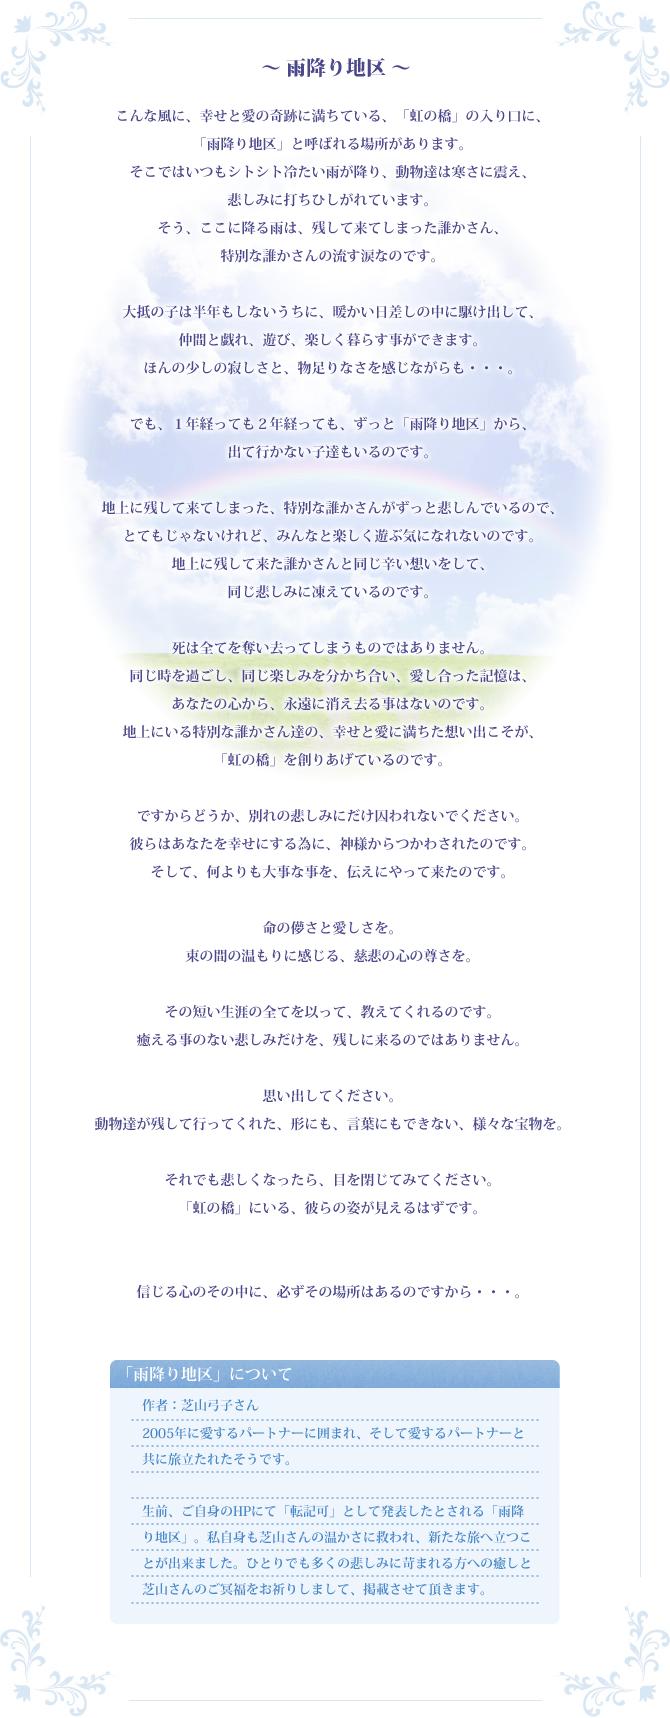 tabidachi_03